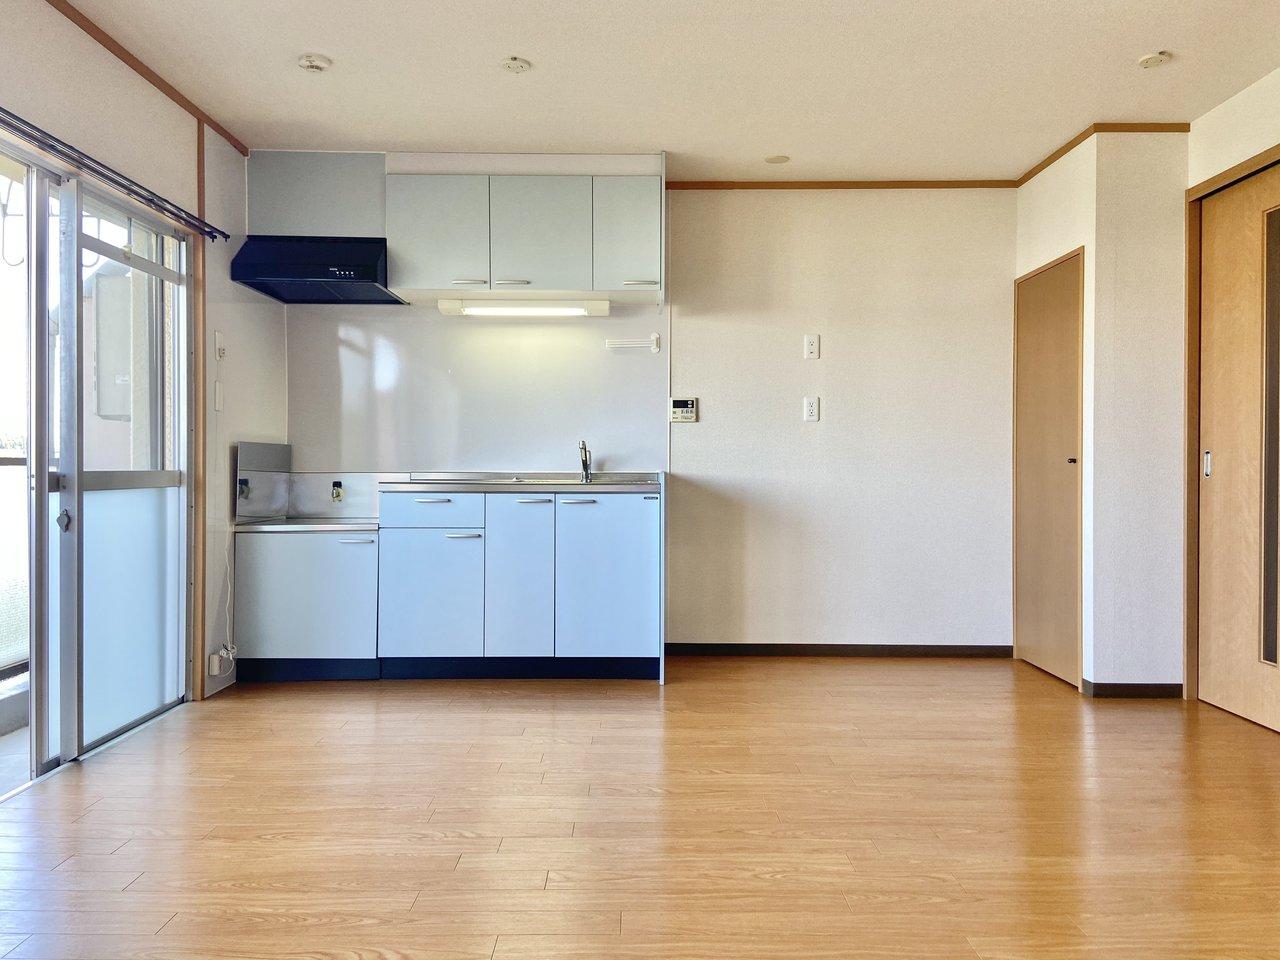 こちらもリノベーションされた団地の一室。12畳のリビングに、ブルーのキッチンがよく映えます。